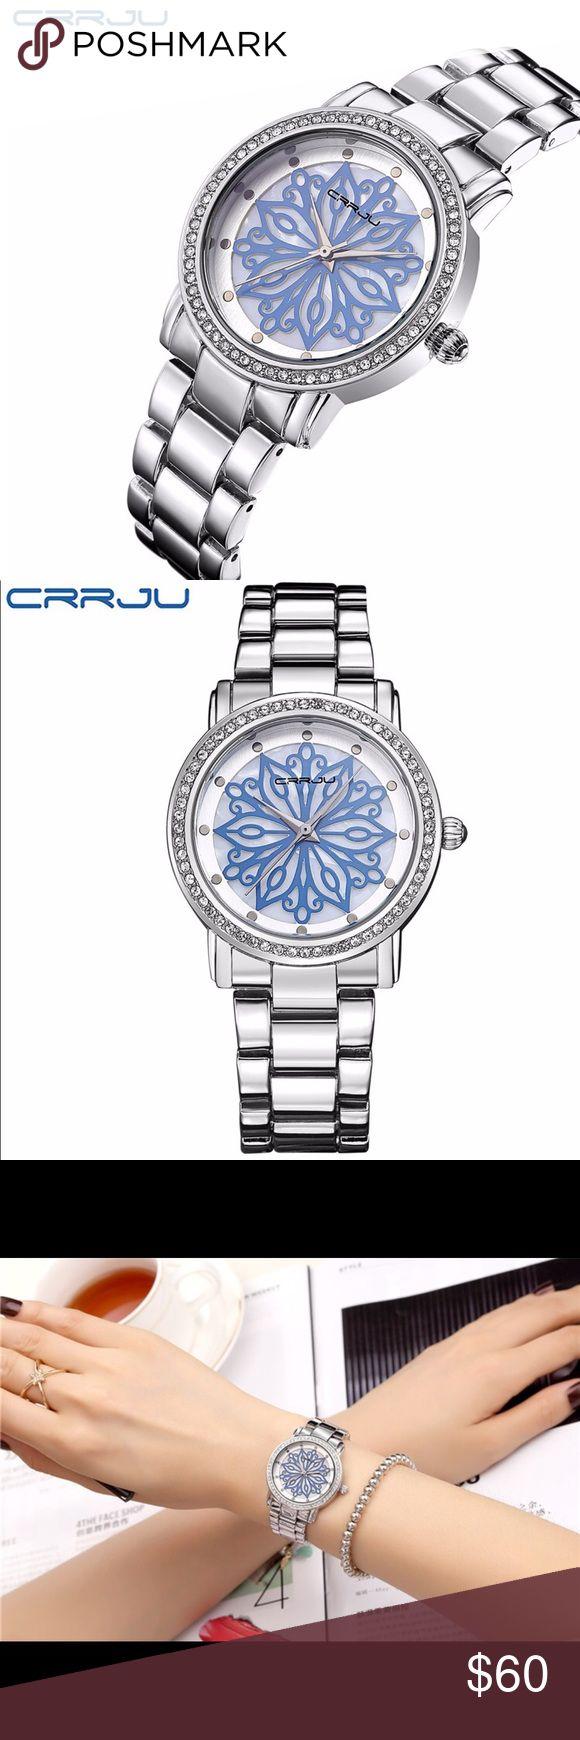 Relógio de quartzo para mulheres Relógio de luxo com marca CRRJU Resistente à água em aço inoxidável …   – My Posh Picks